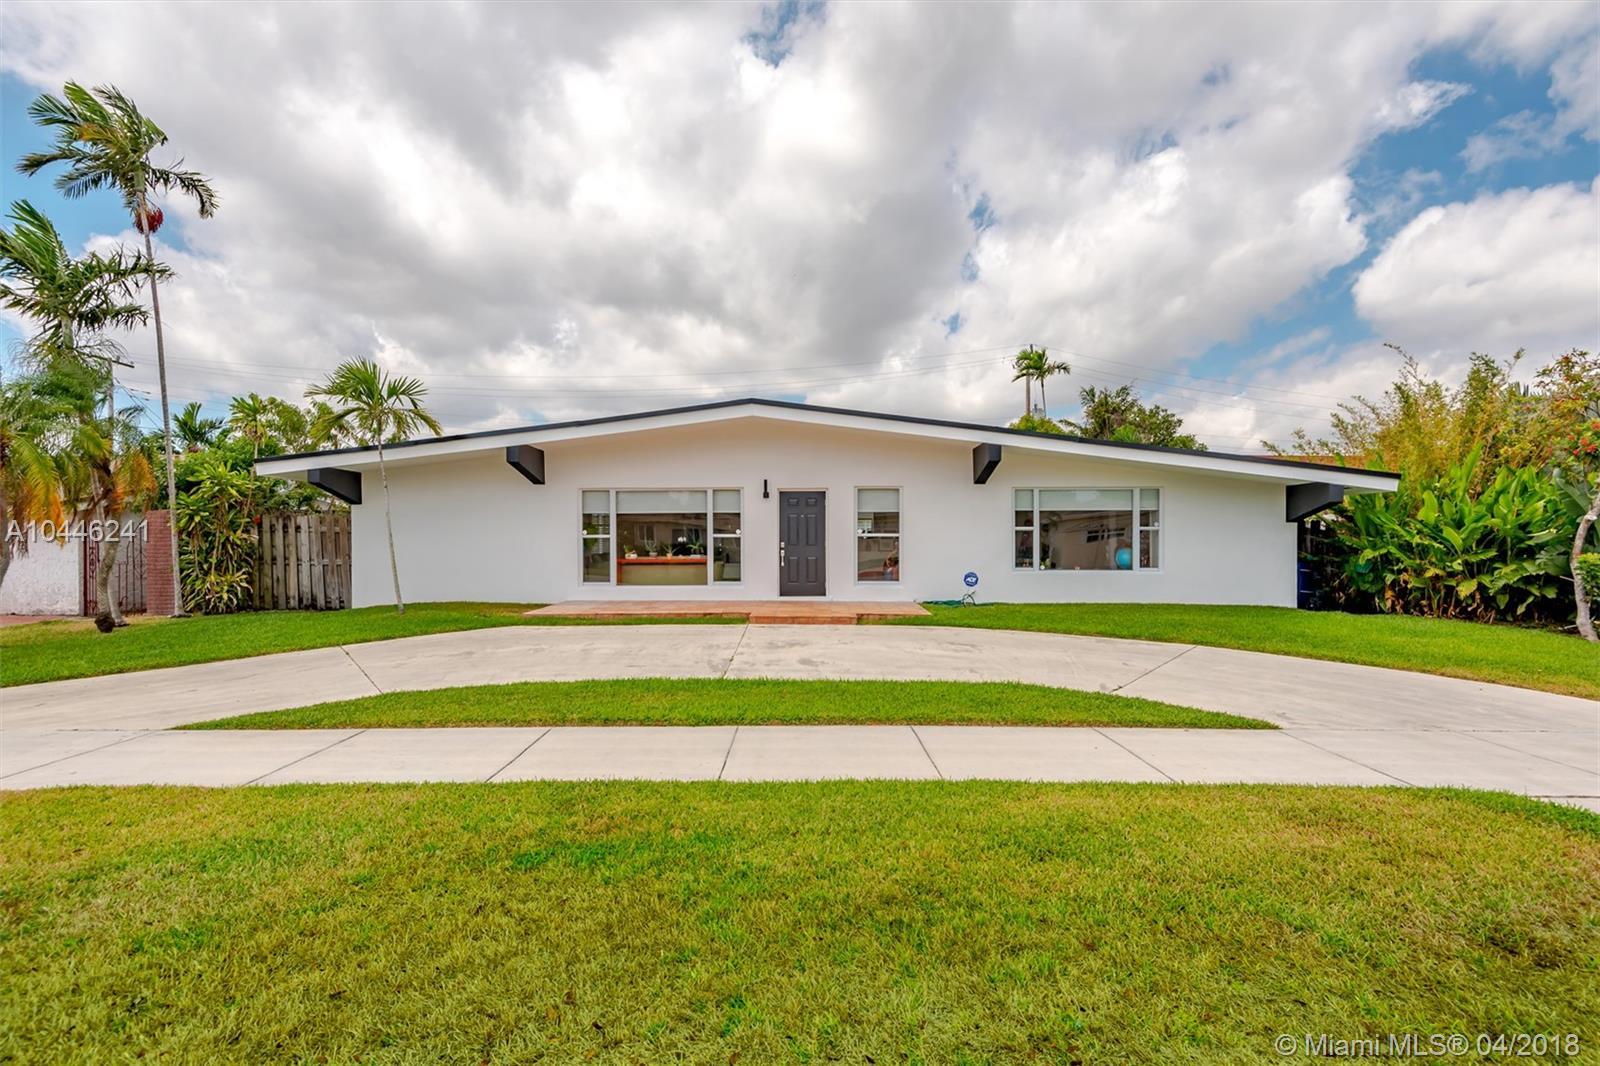 19600 Ne 19th Ct, Miami FL, 33179